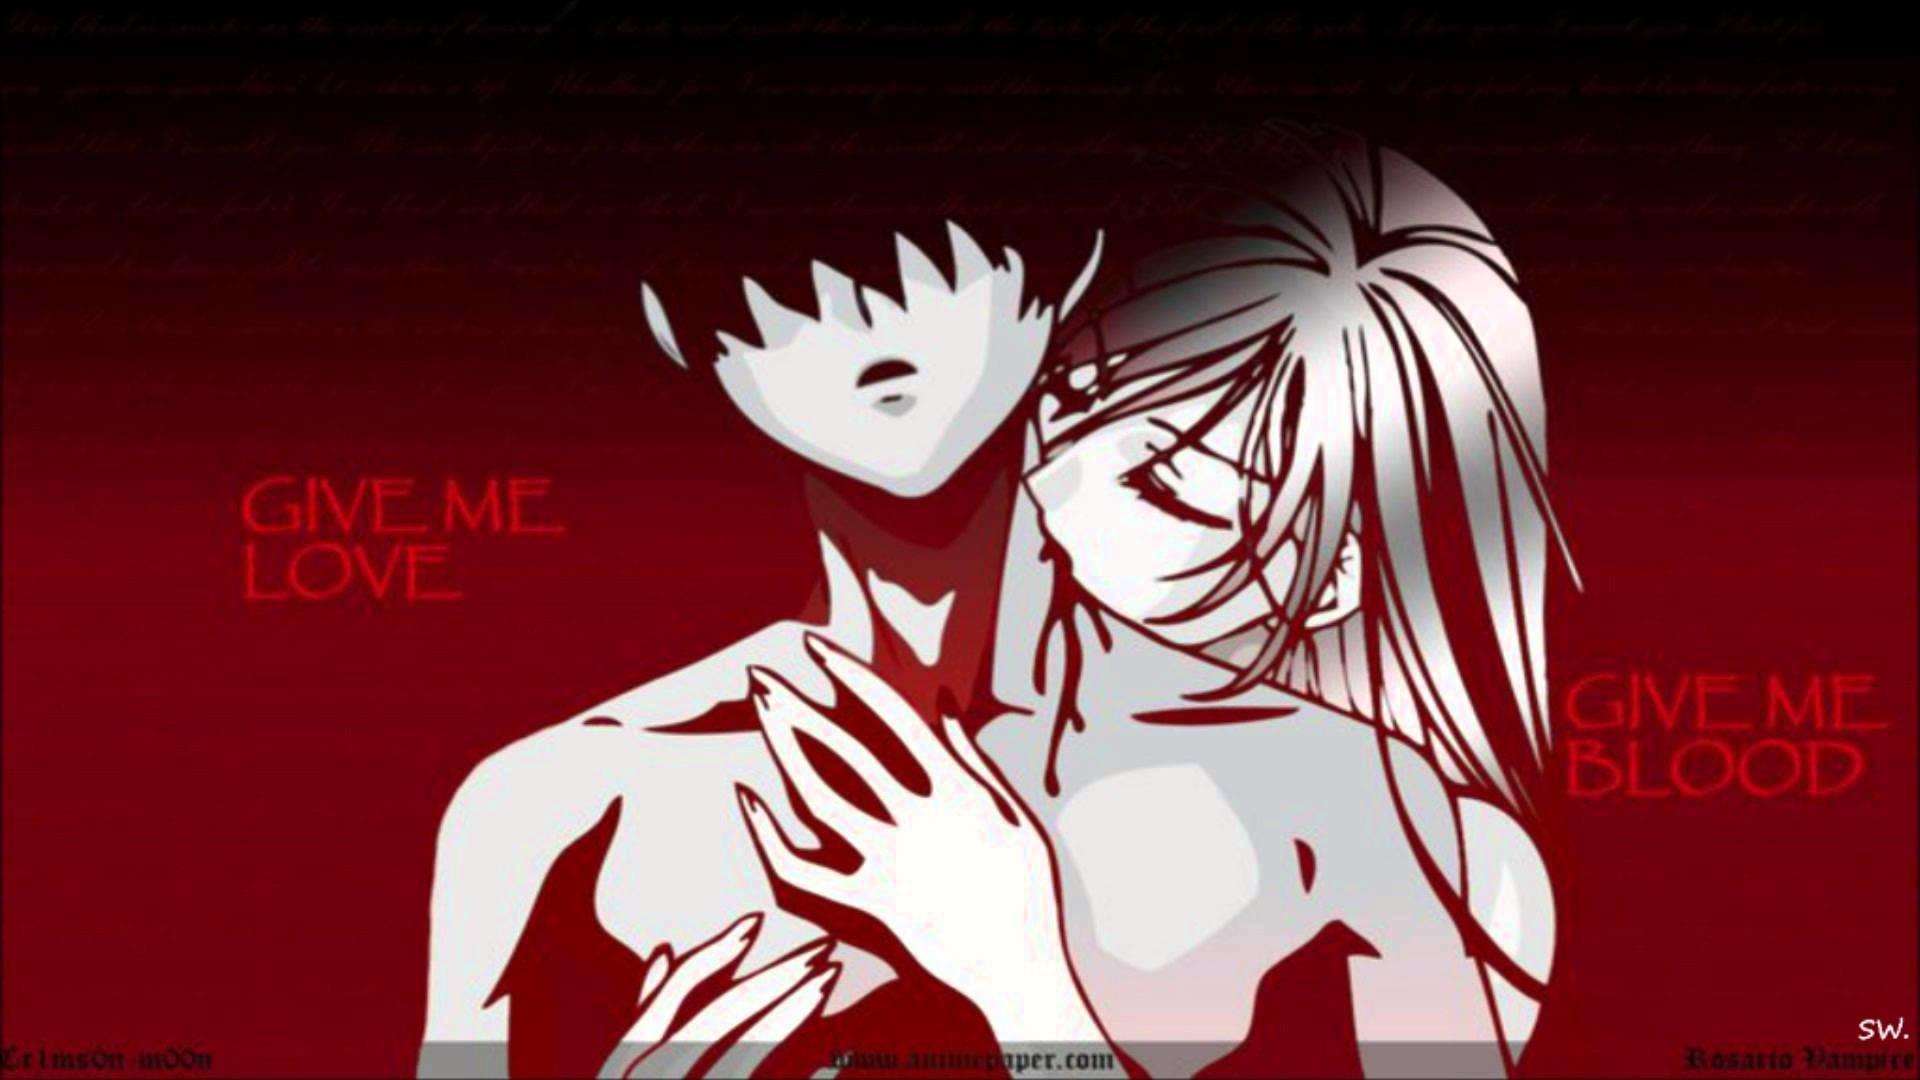 Anime Vampire Wallpaper 75 Images